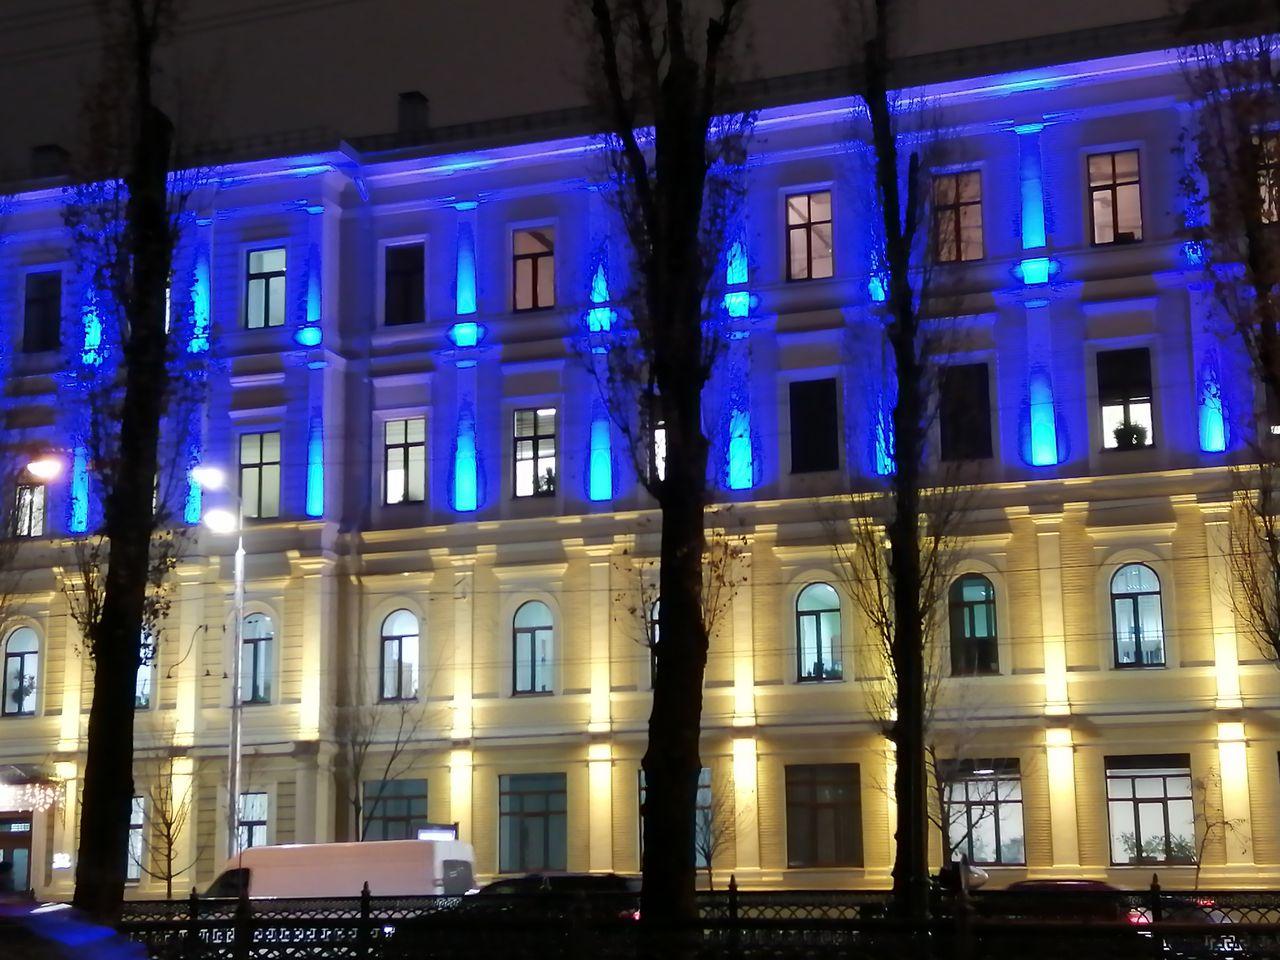 En tu viaje por Kiev en 3 ó 4 días no puede faltar un paseo nocturno para ver los edificios iluminados.